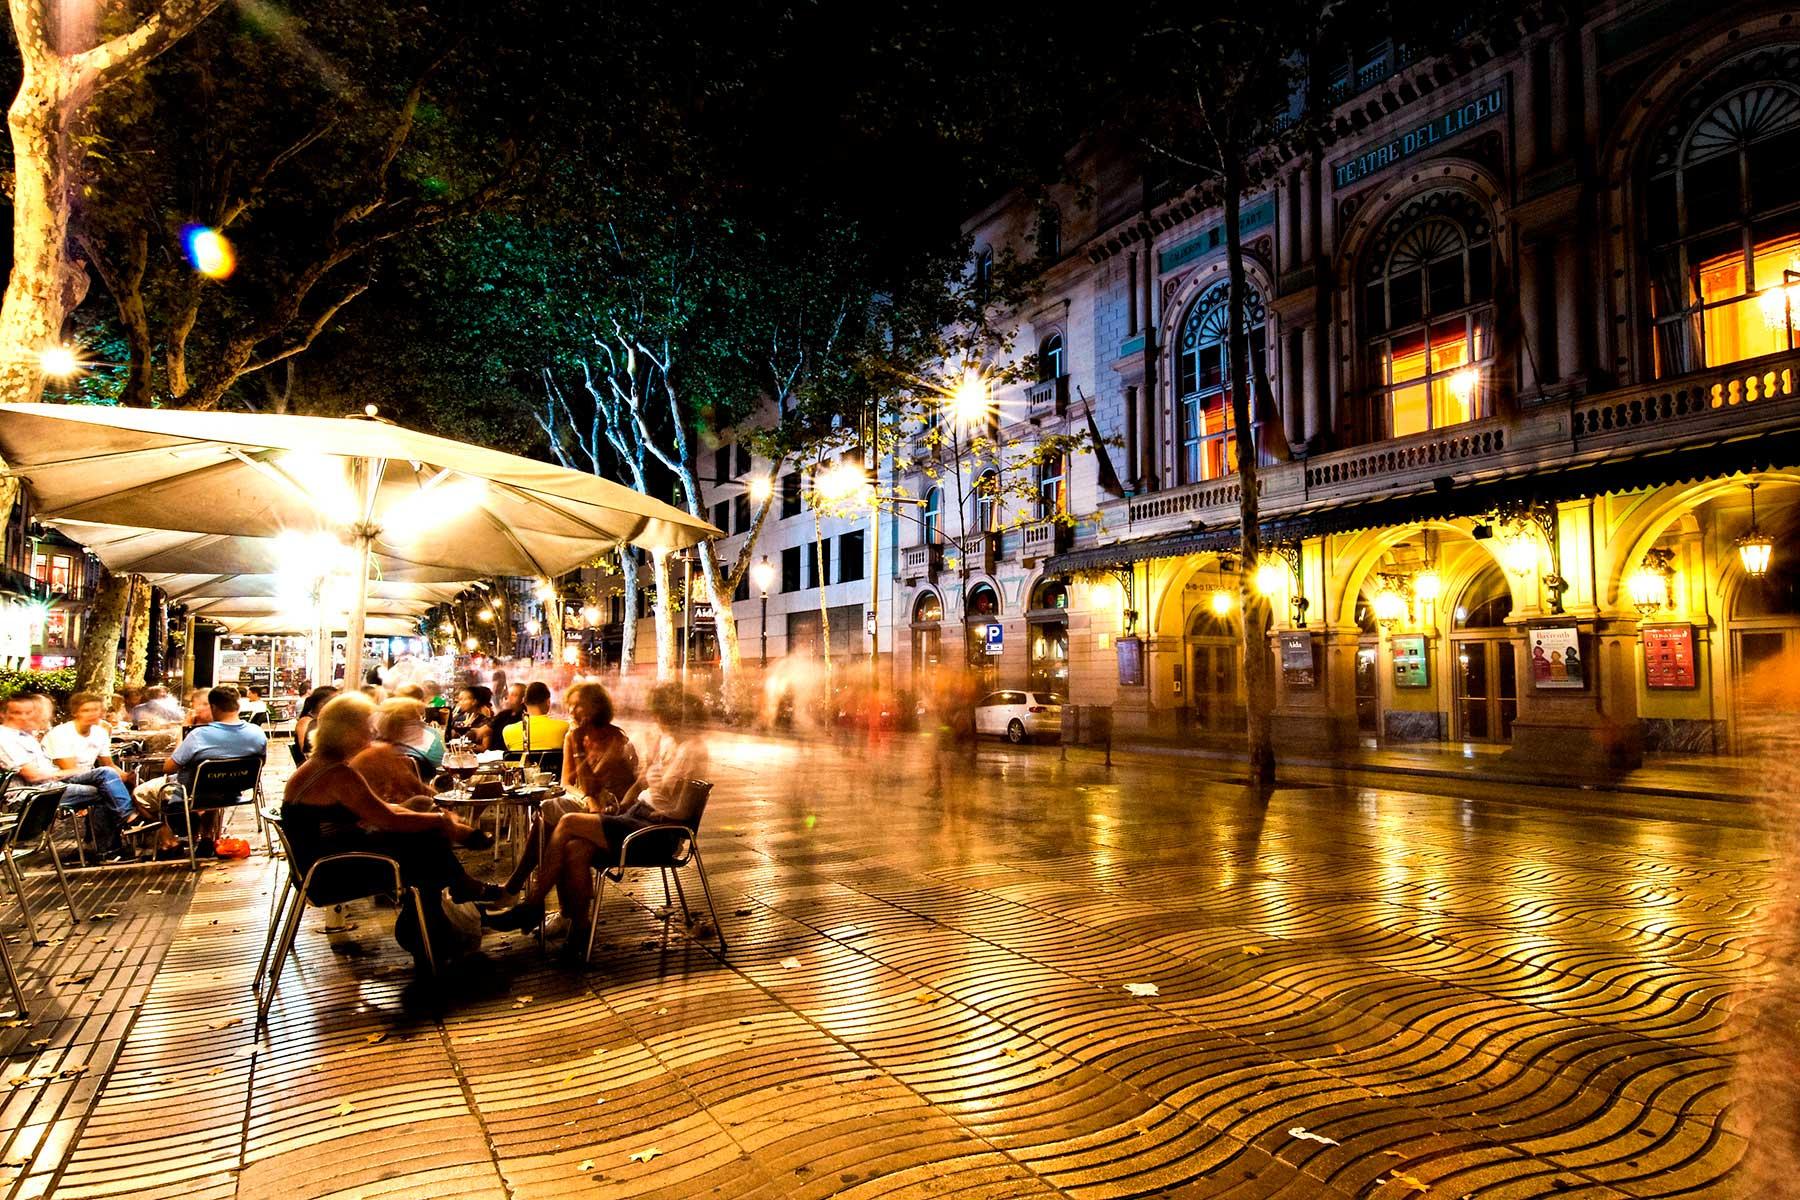 Экскурсия по Готическому кварталу Барселоны и бульвар Рамблас (превью)